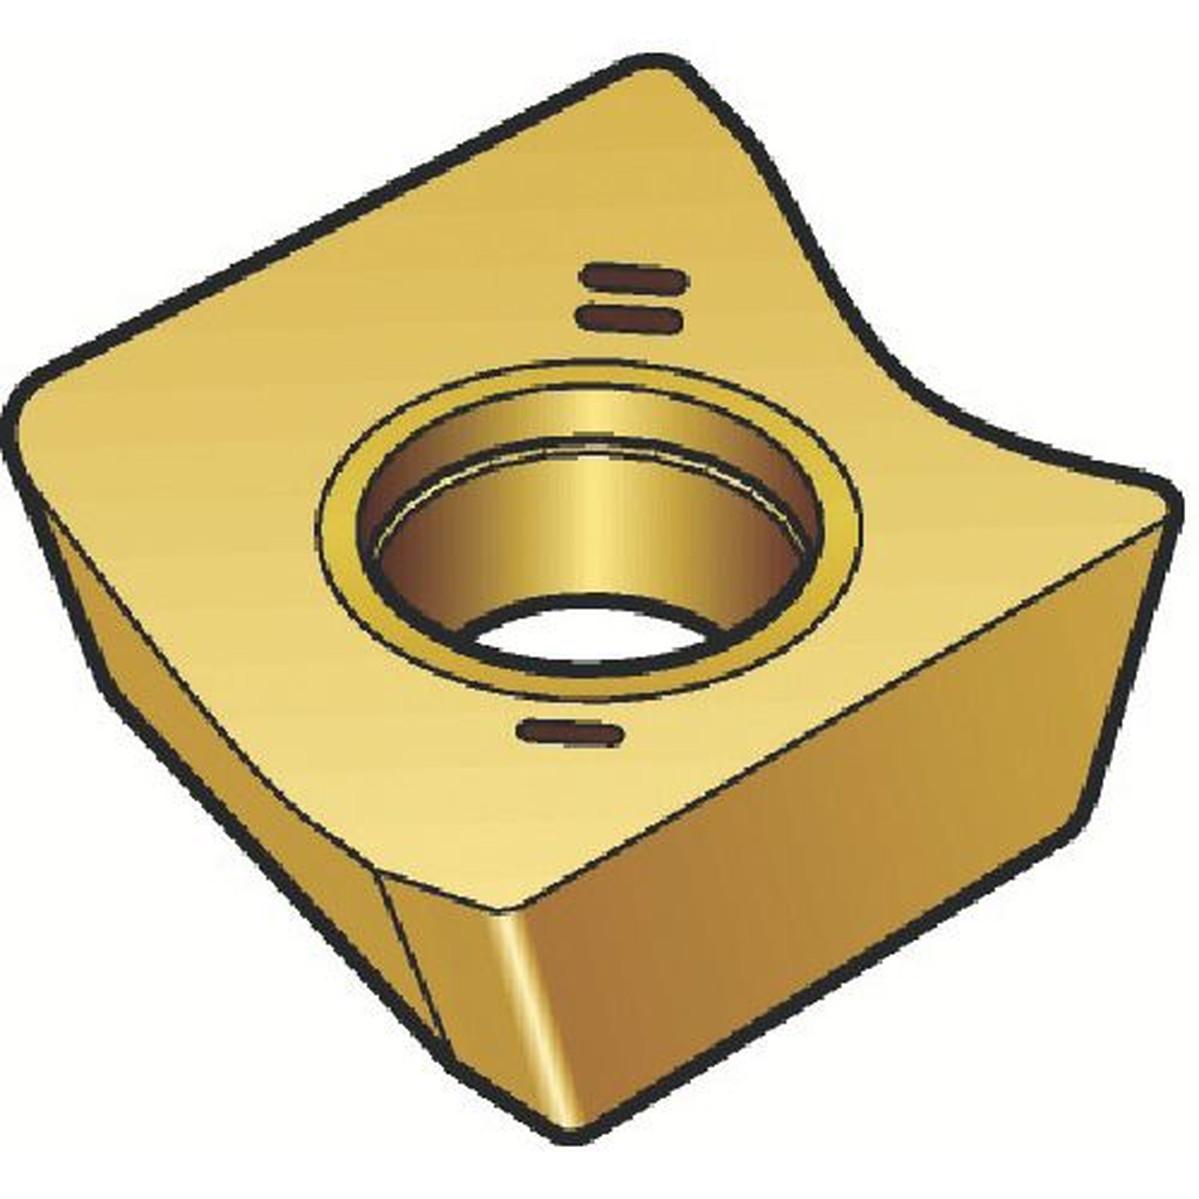 時間指定不可 あす楽対応 DIY用品 サンドビック コロミル590用チップ 1030 10個 迅速な対応で商品をお届け致します